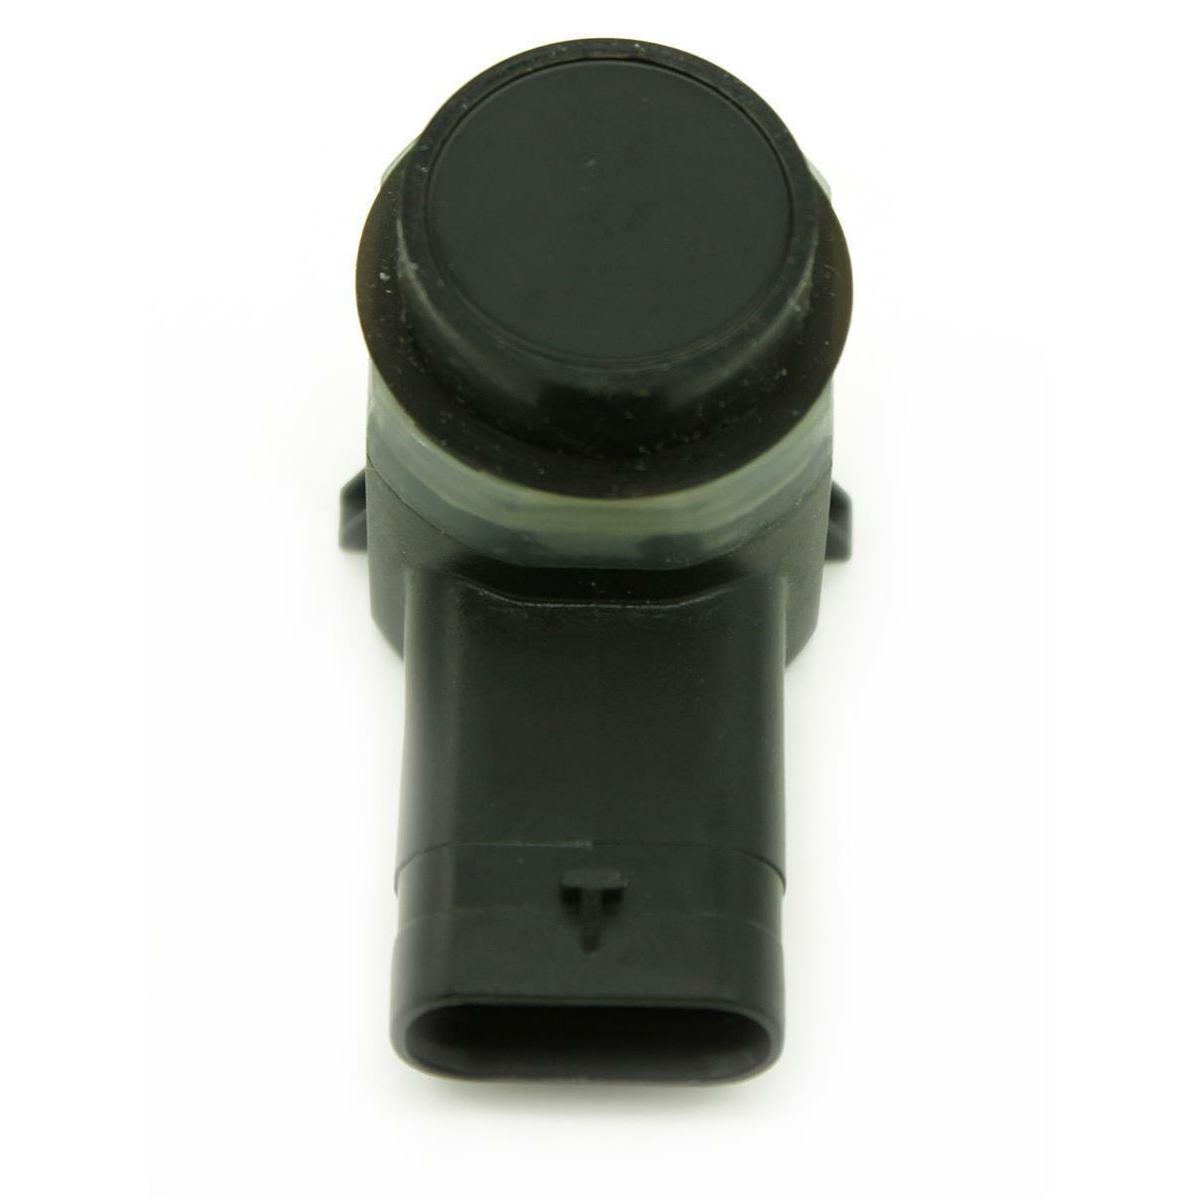 Park sensor 958505275-00 for Porsche PDC Parktronic